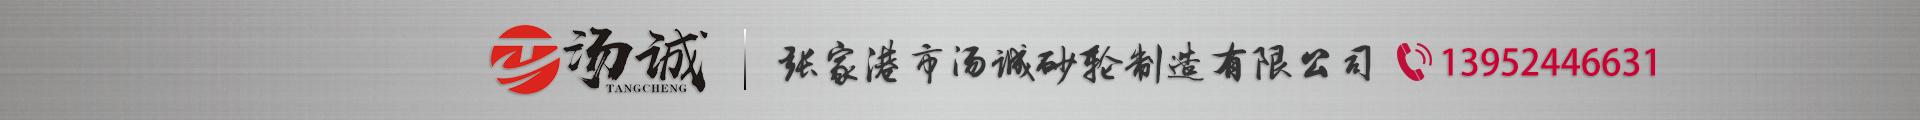 张家港市汤诚砂轮制造有限公司